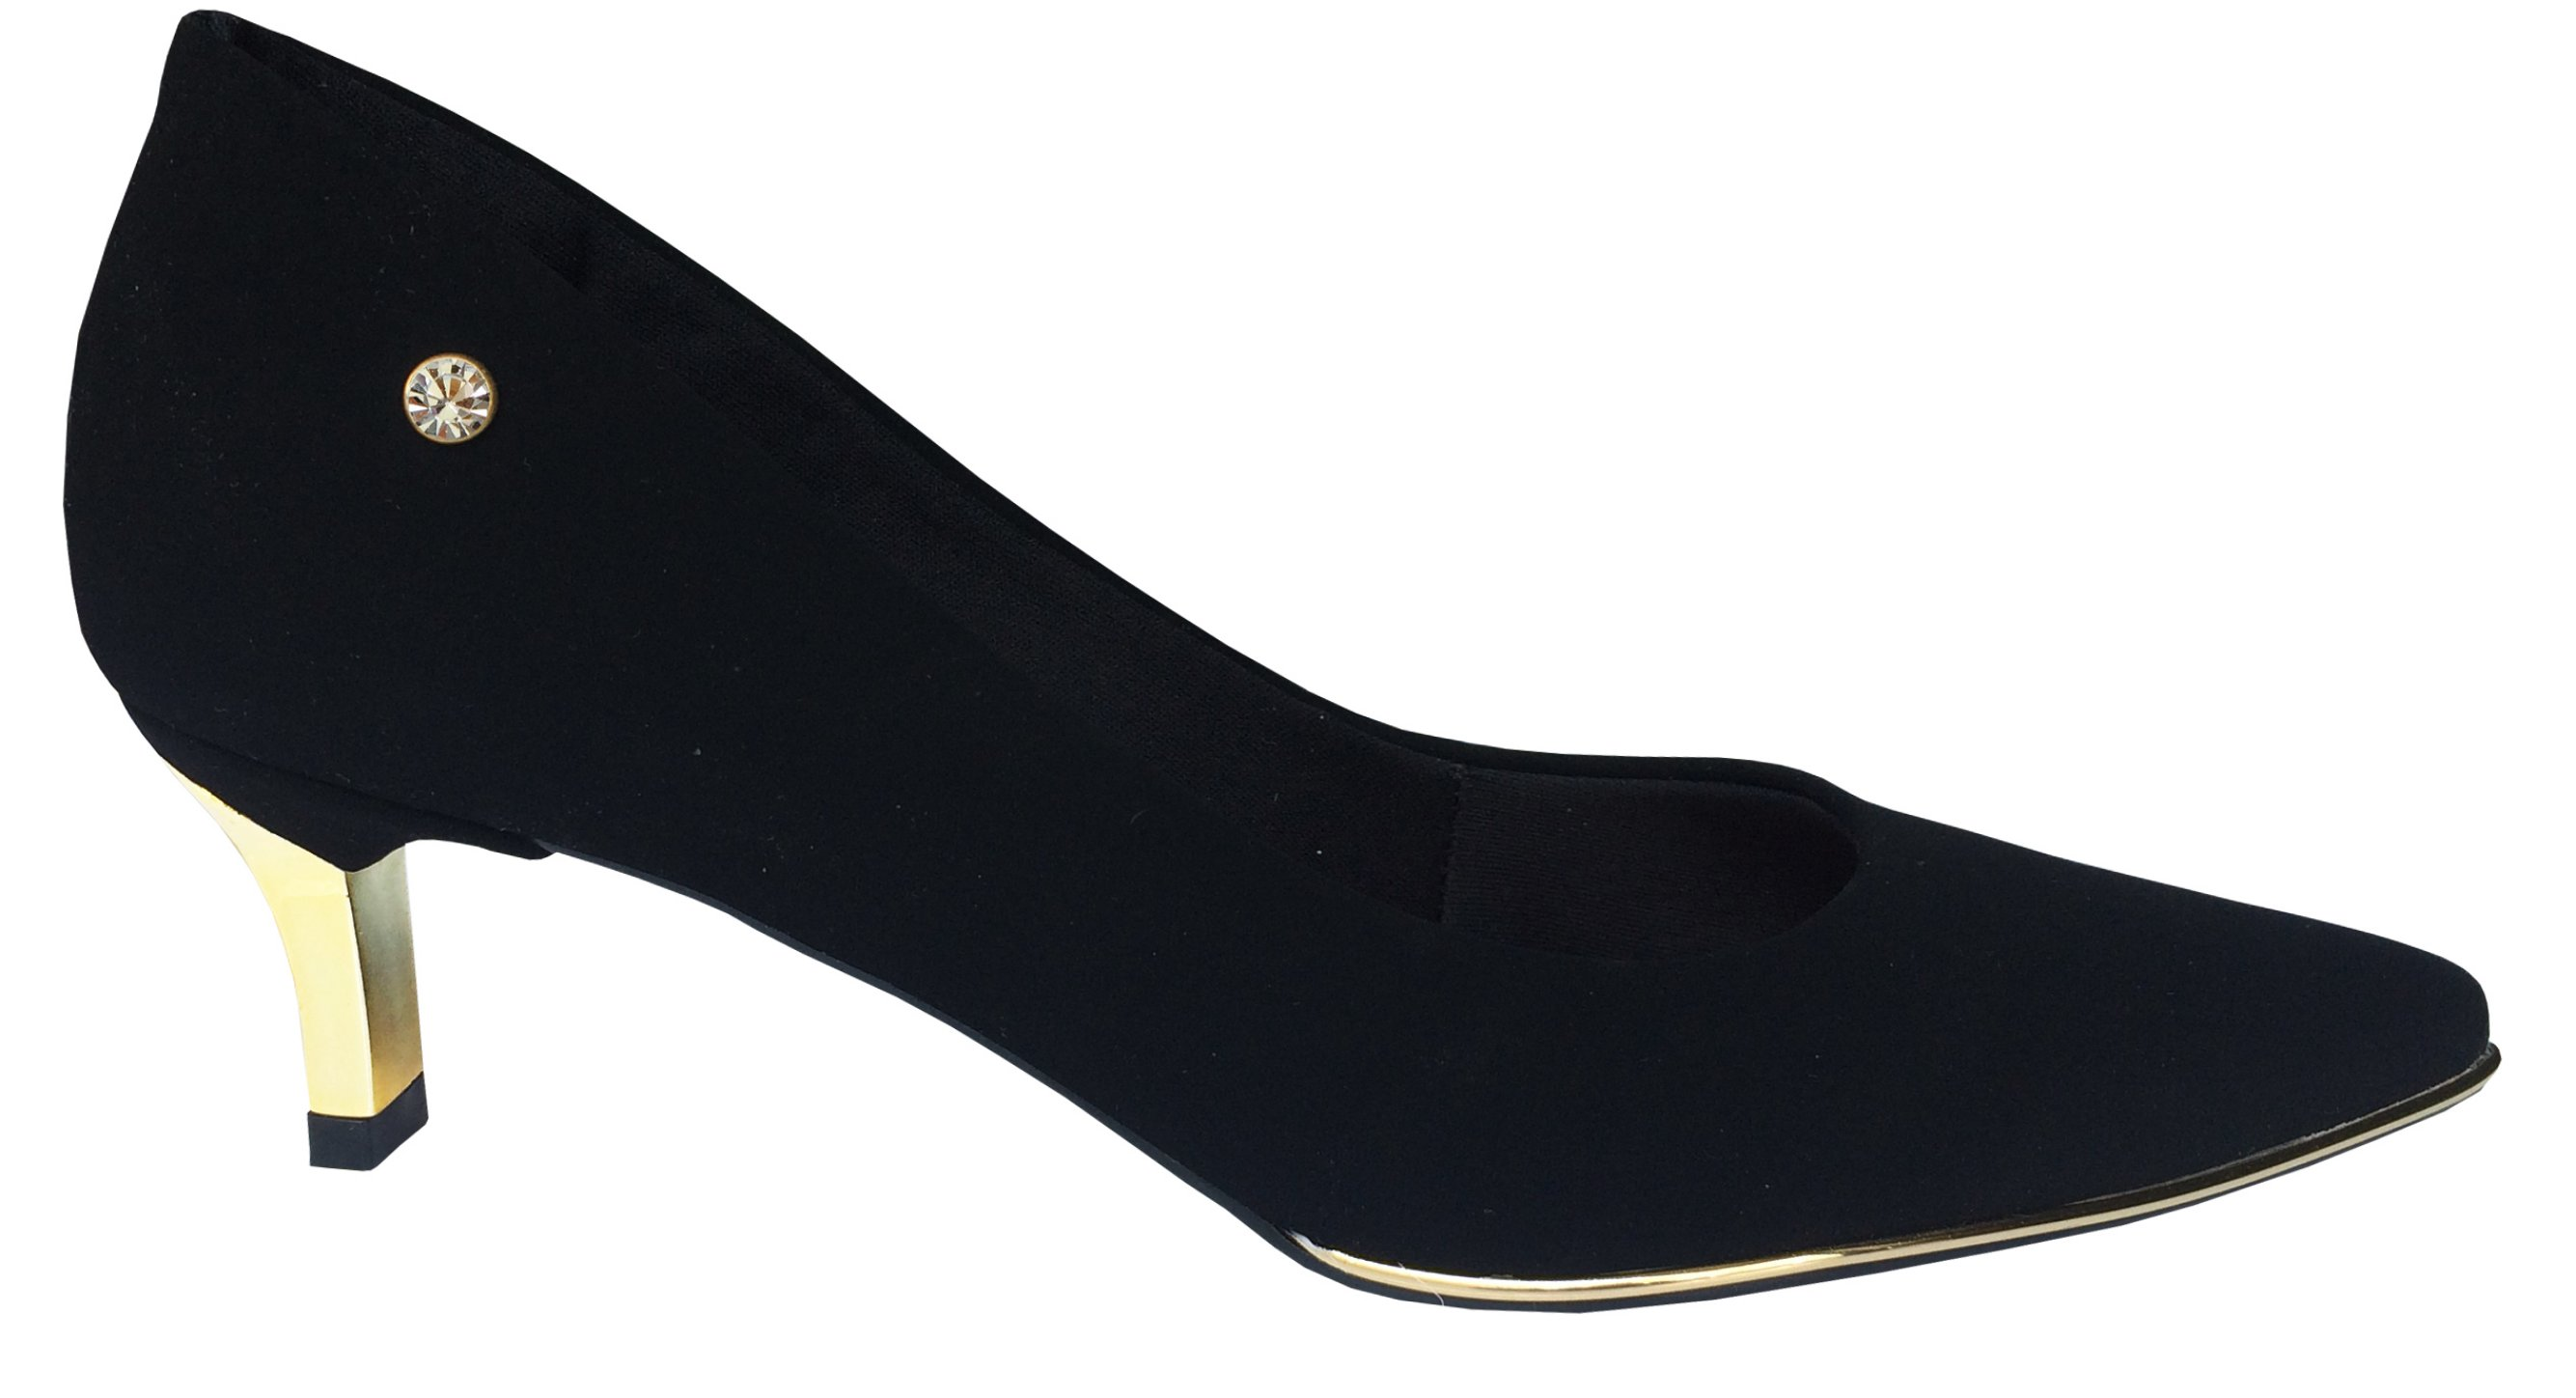 c2b48251a A Le Bianco se tornou sinônimo de requinte e bom gosto no mundo dos  calçados feminino, modelos exclusivos, desenvolvidos por nos.